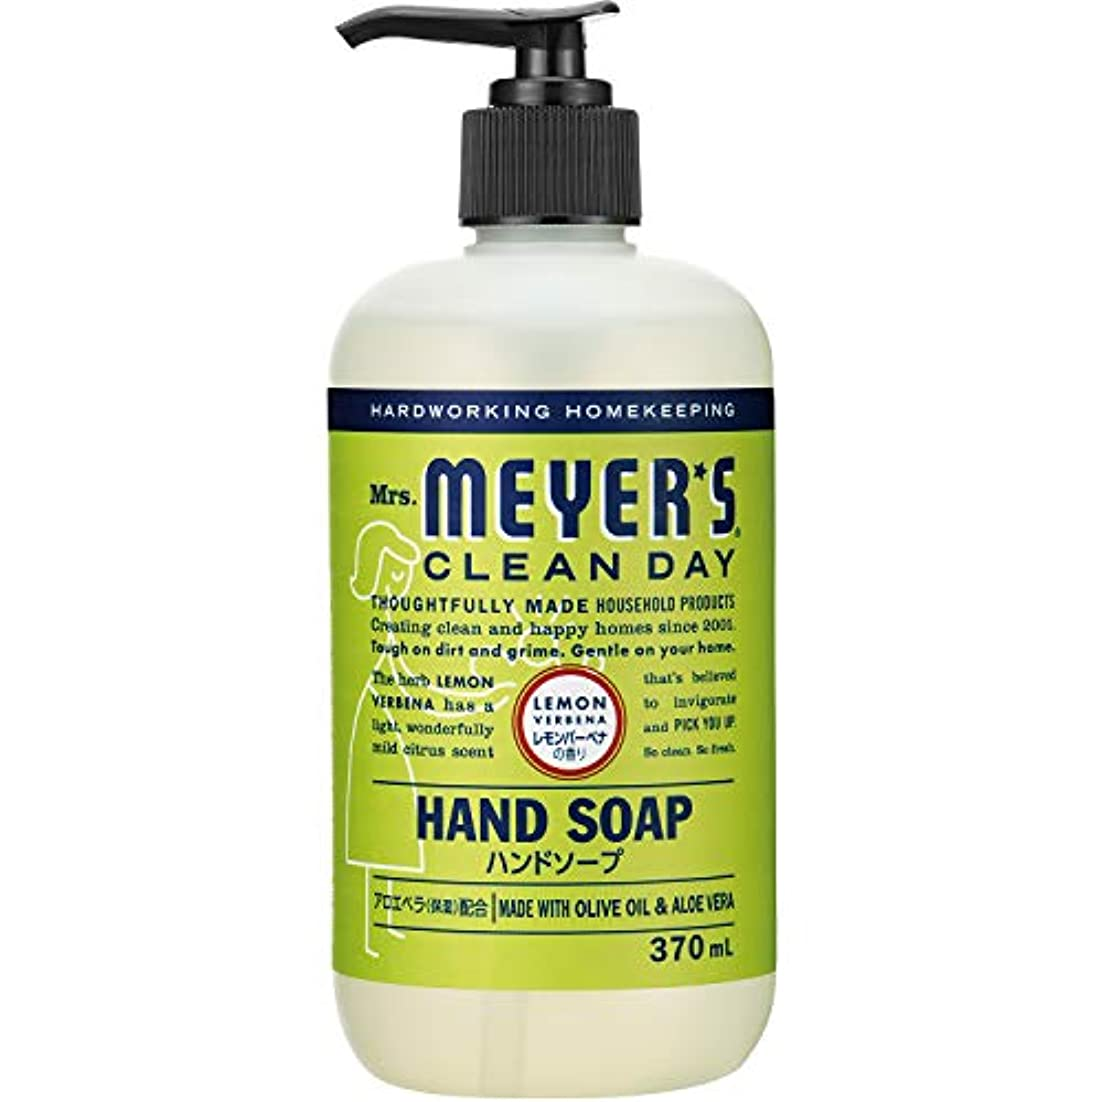 用心する影響を受けやすいです説明するMrs. MEYER'S CLEAN DAY(ミセスマイヤーズ クリーンデイ) ミセスマイヤーズ クリーンデイ(Mrs.Meyers Clean Day) ハンドソープ レモンバーベナの香り 370ml